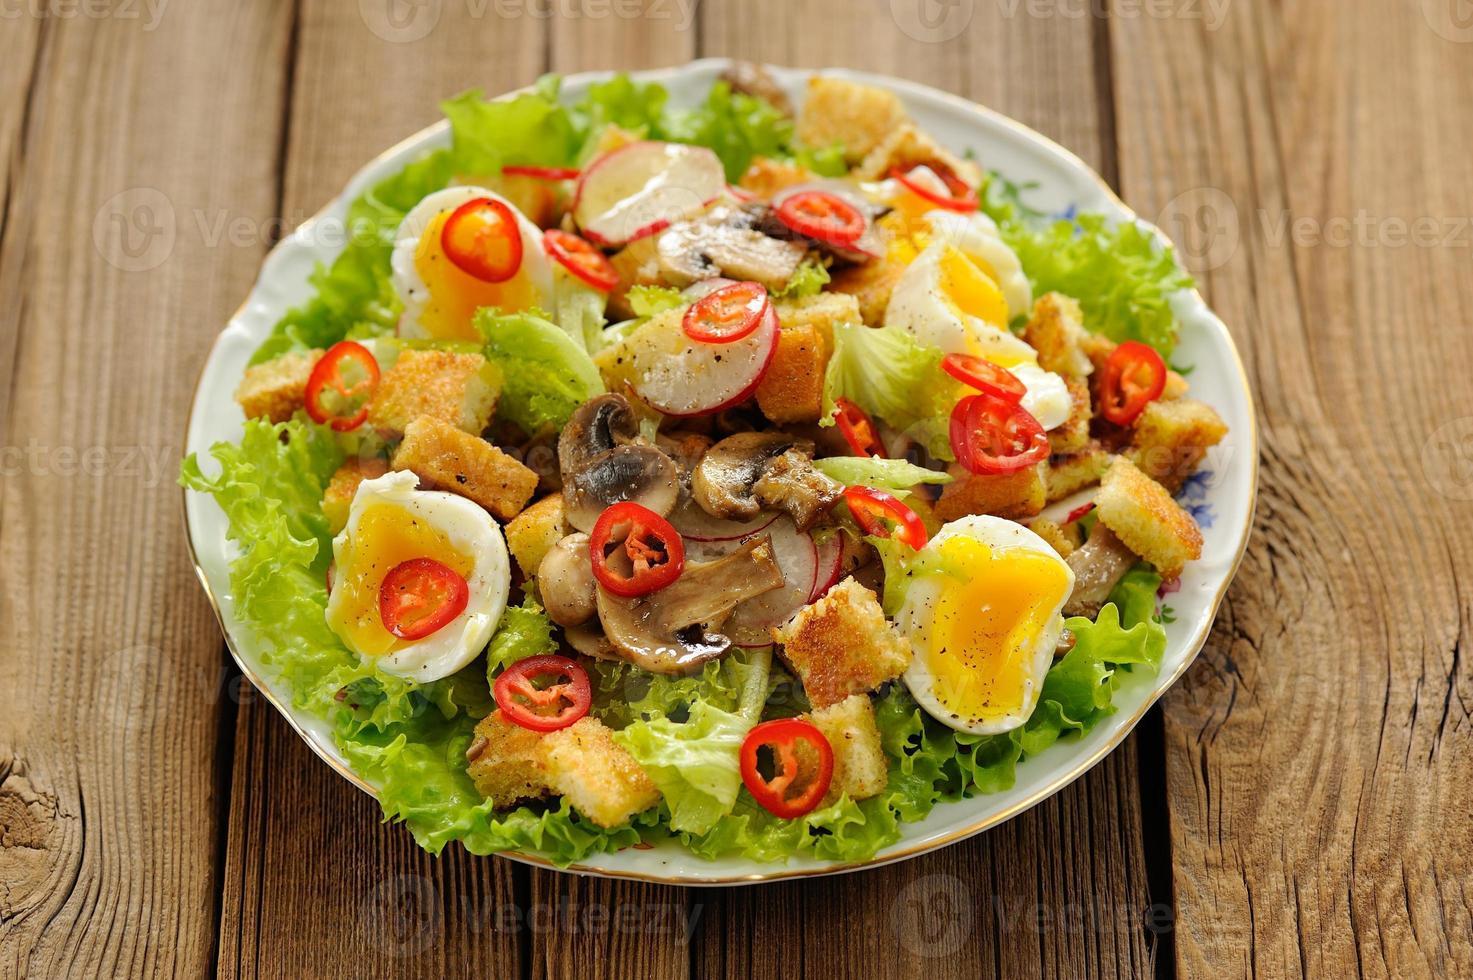 insalata di Cesare con funghi, uova, peperoncino e ravanello su legno foto